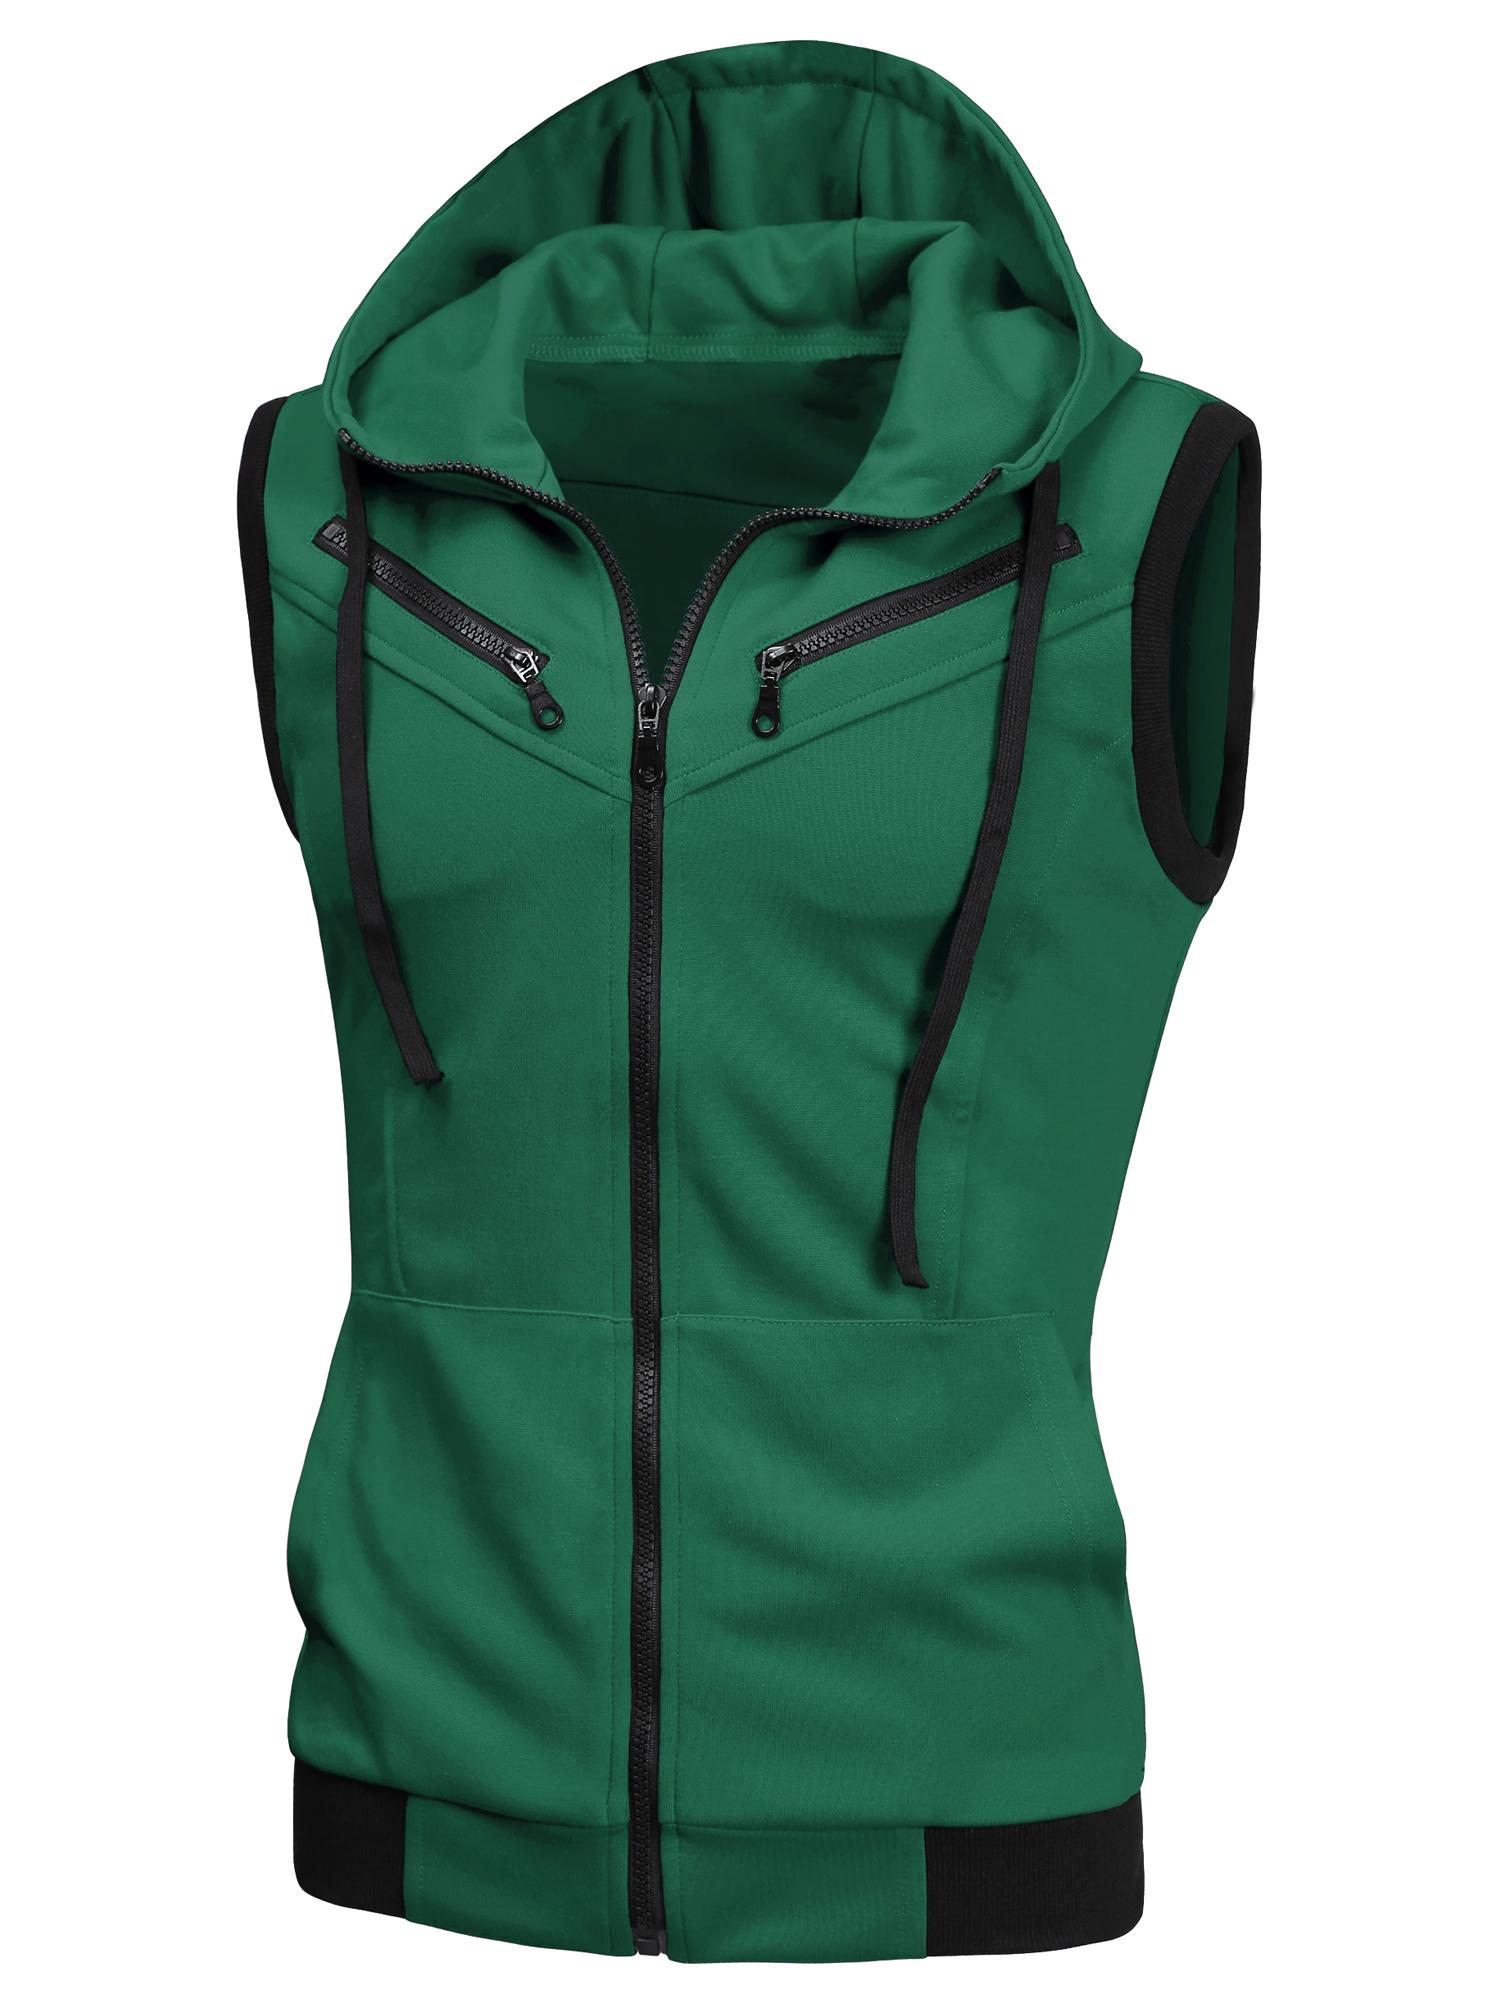 Men Ribbed Hem Two Pockets Drawstring Hooded Vest Green M